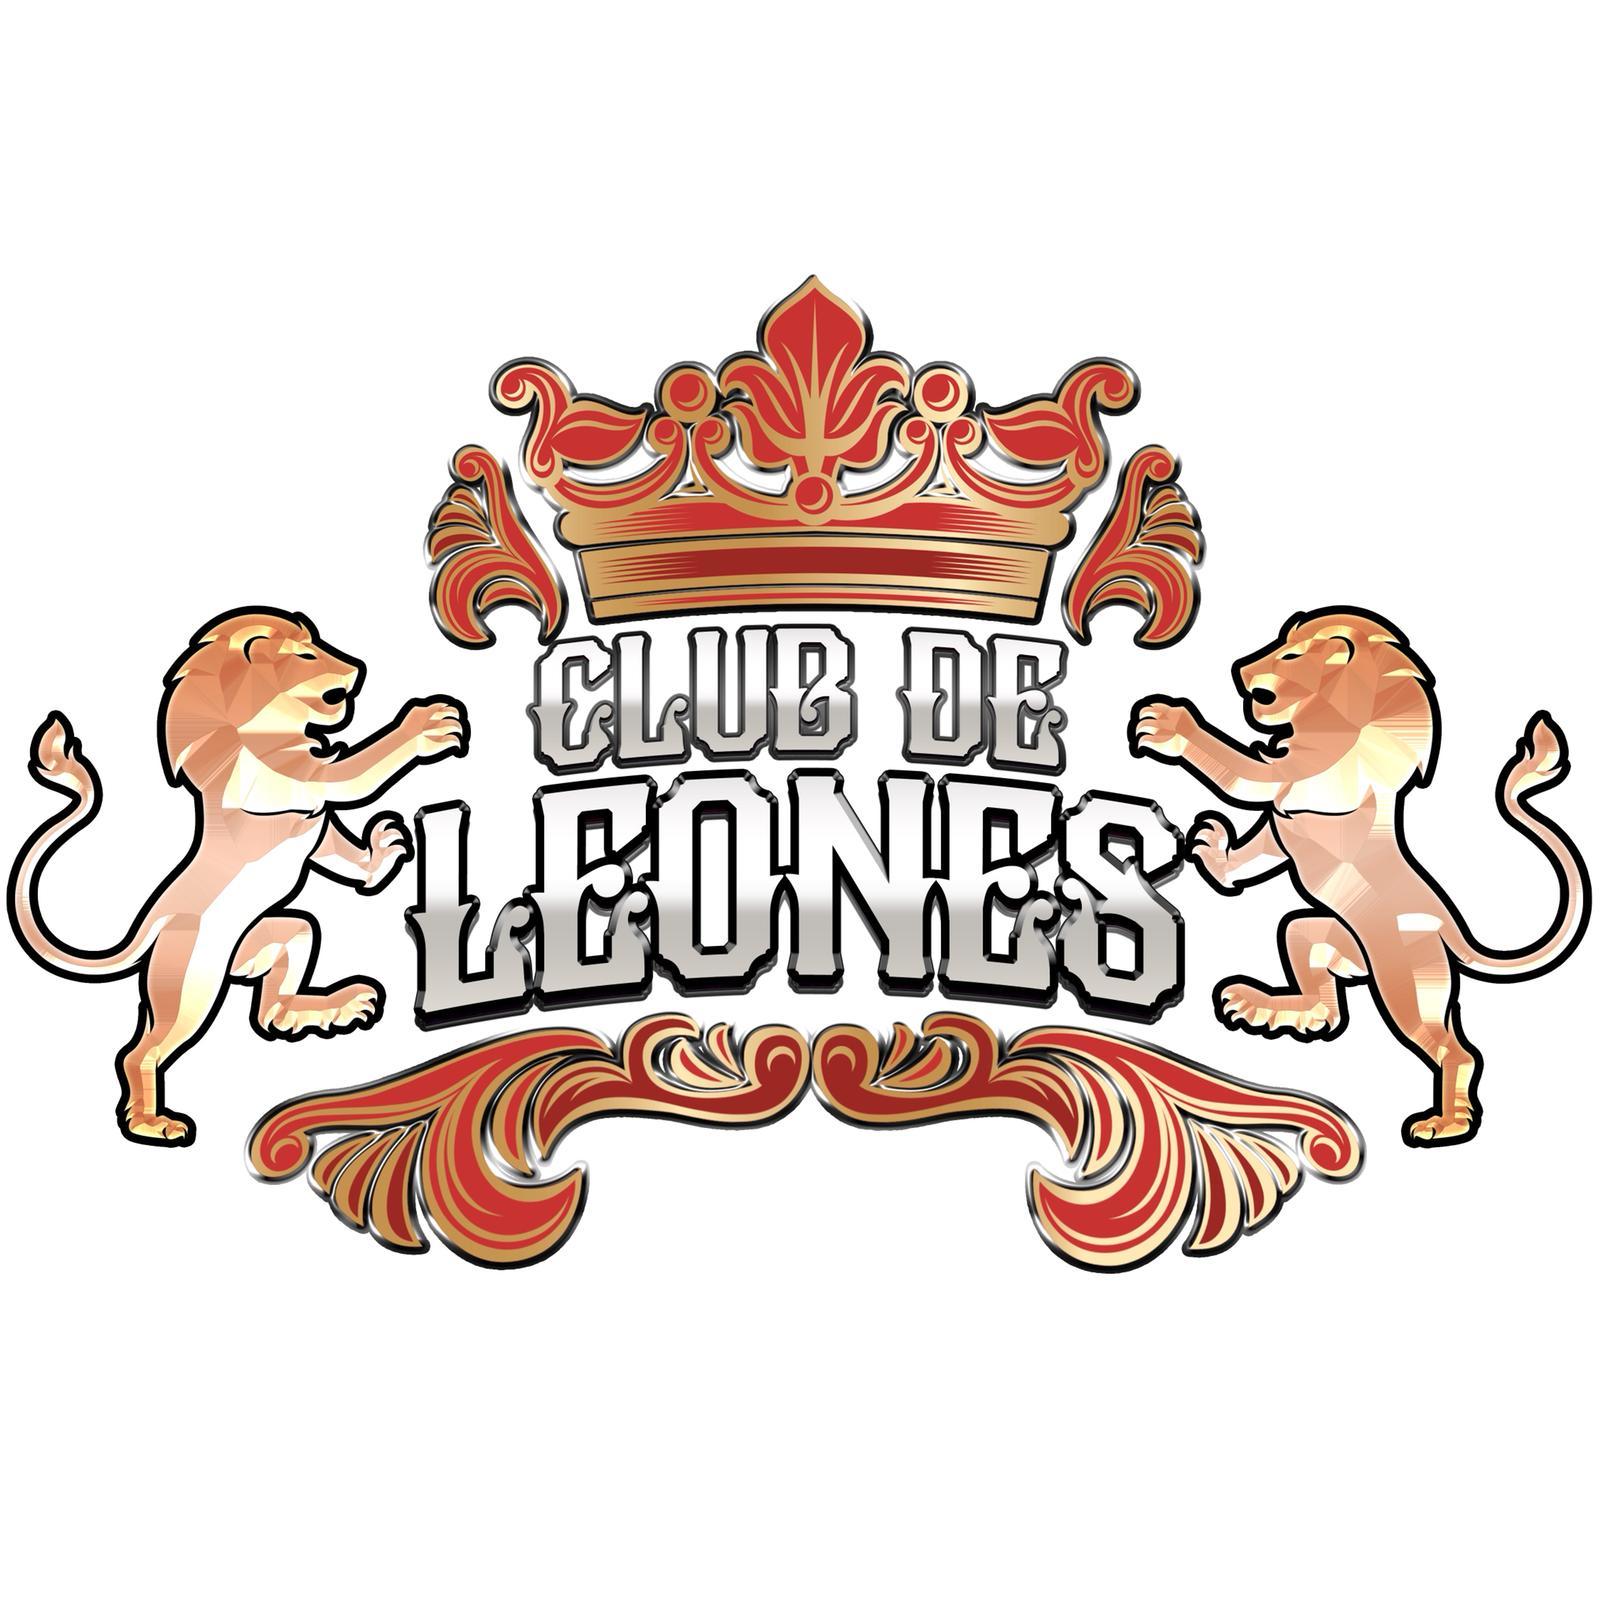 Los invasores de nuevo leon clipart image transparent stock Los invasores Colorado springs tickets boletos club de leone image transparent stock